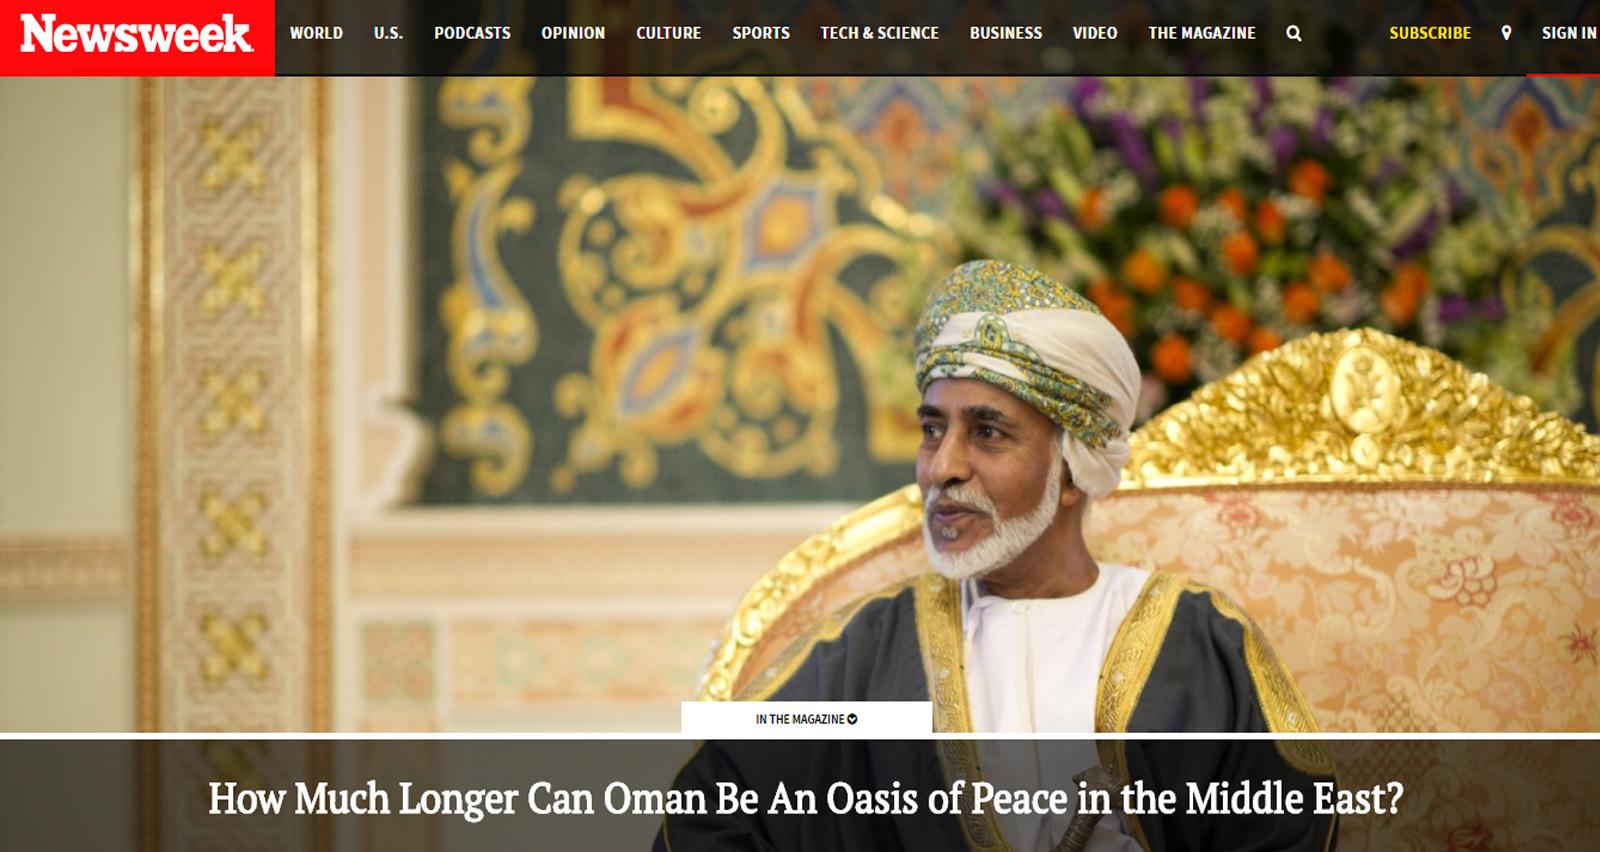 مجلة النيوزويك تشيد بدور جلالة السلطان في الحفاظ على الأمن والاستقرار في المنطقة